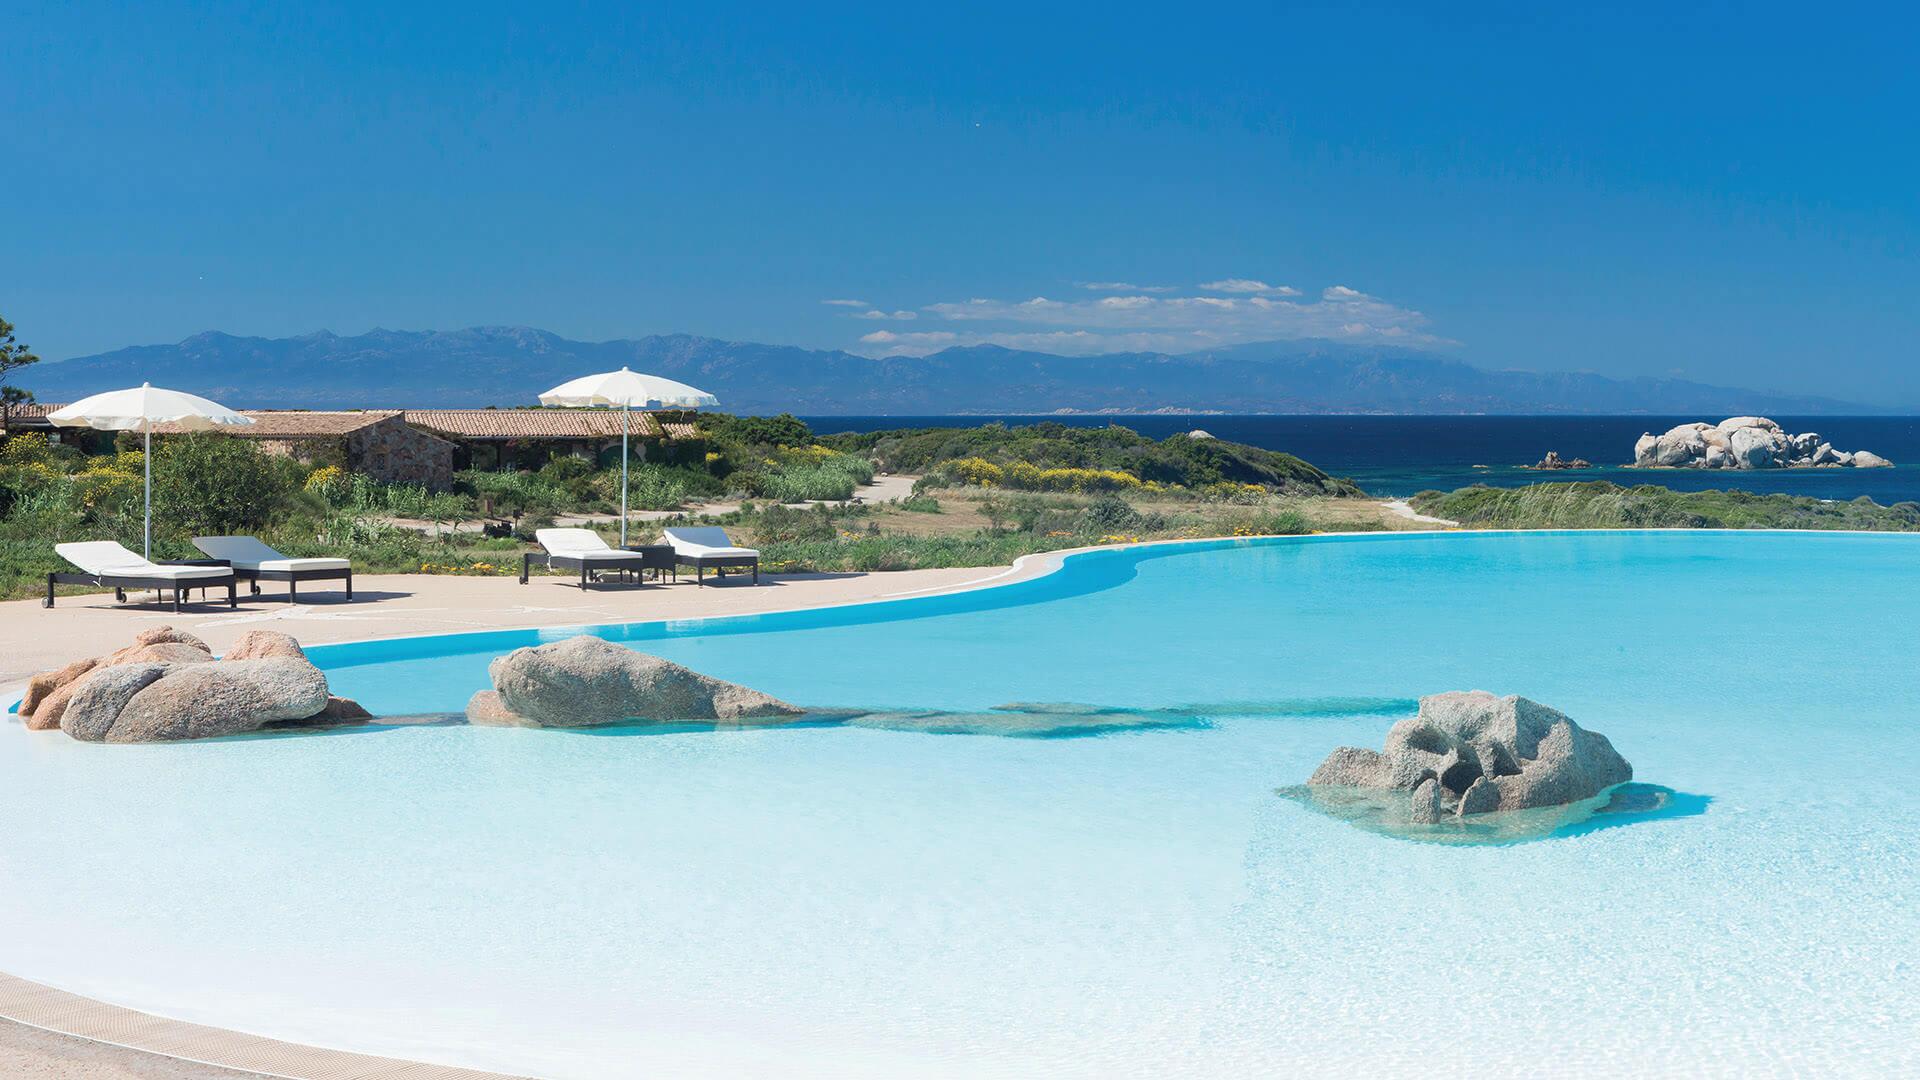 trivago-miglior-hotel-sul-mare-sardegna